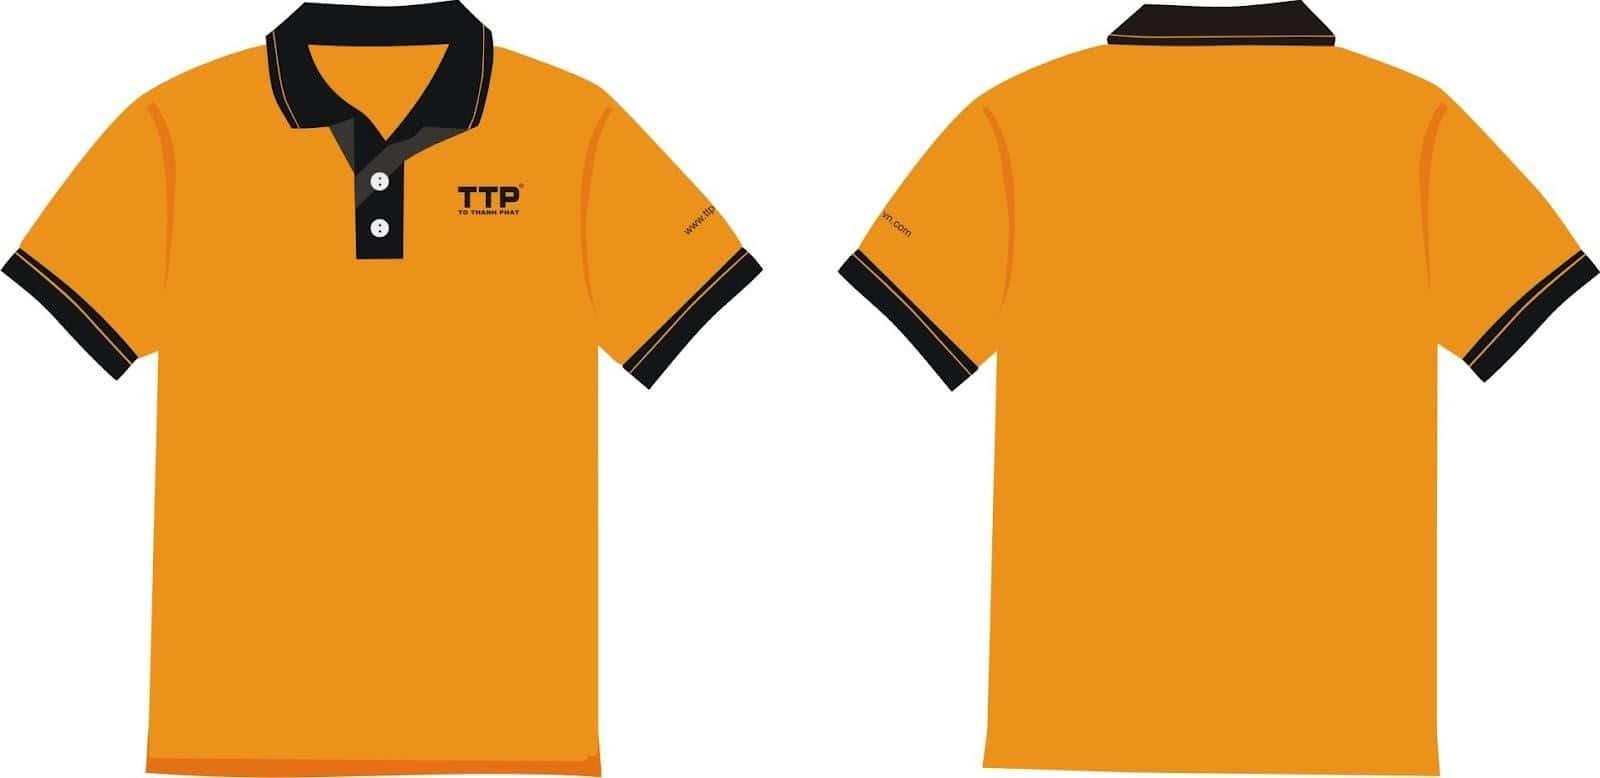 Yếu tố quyết định đến giá áo thun đồng phục